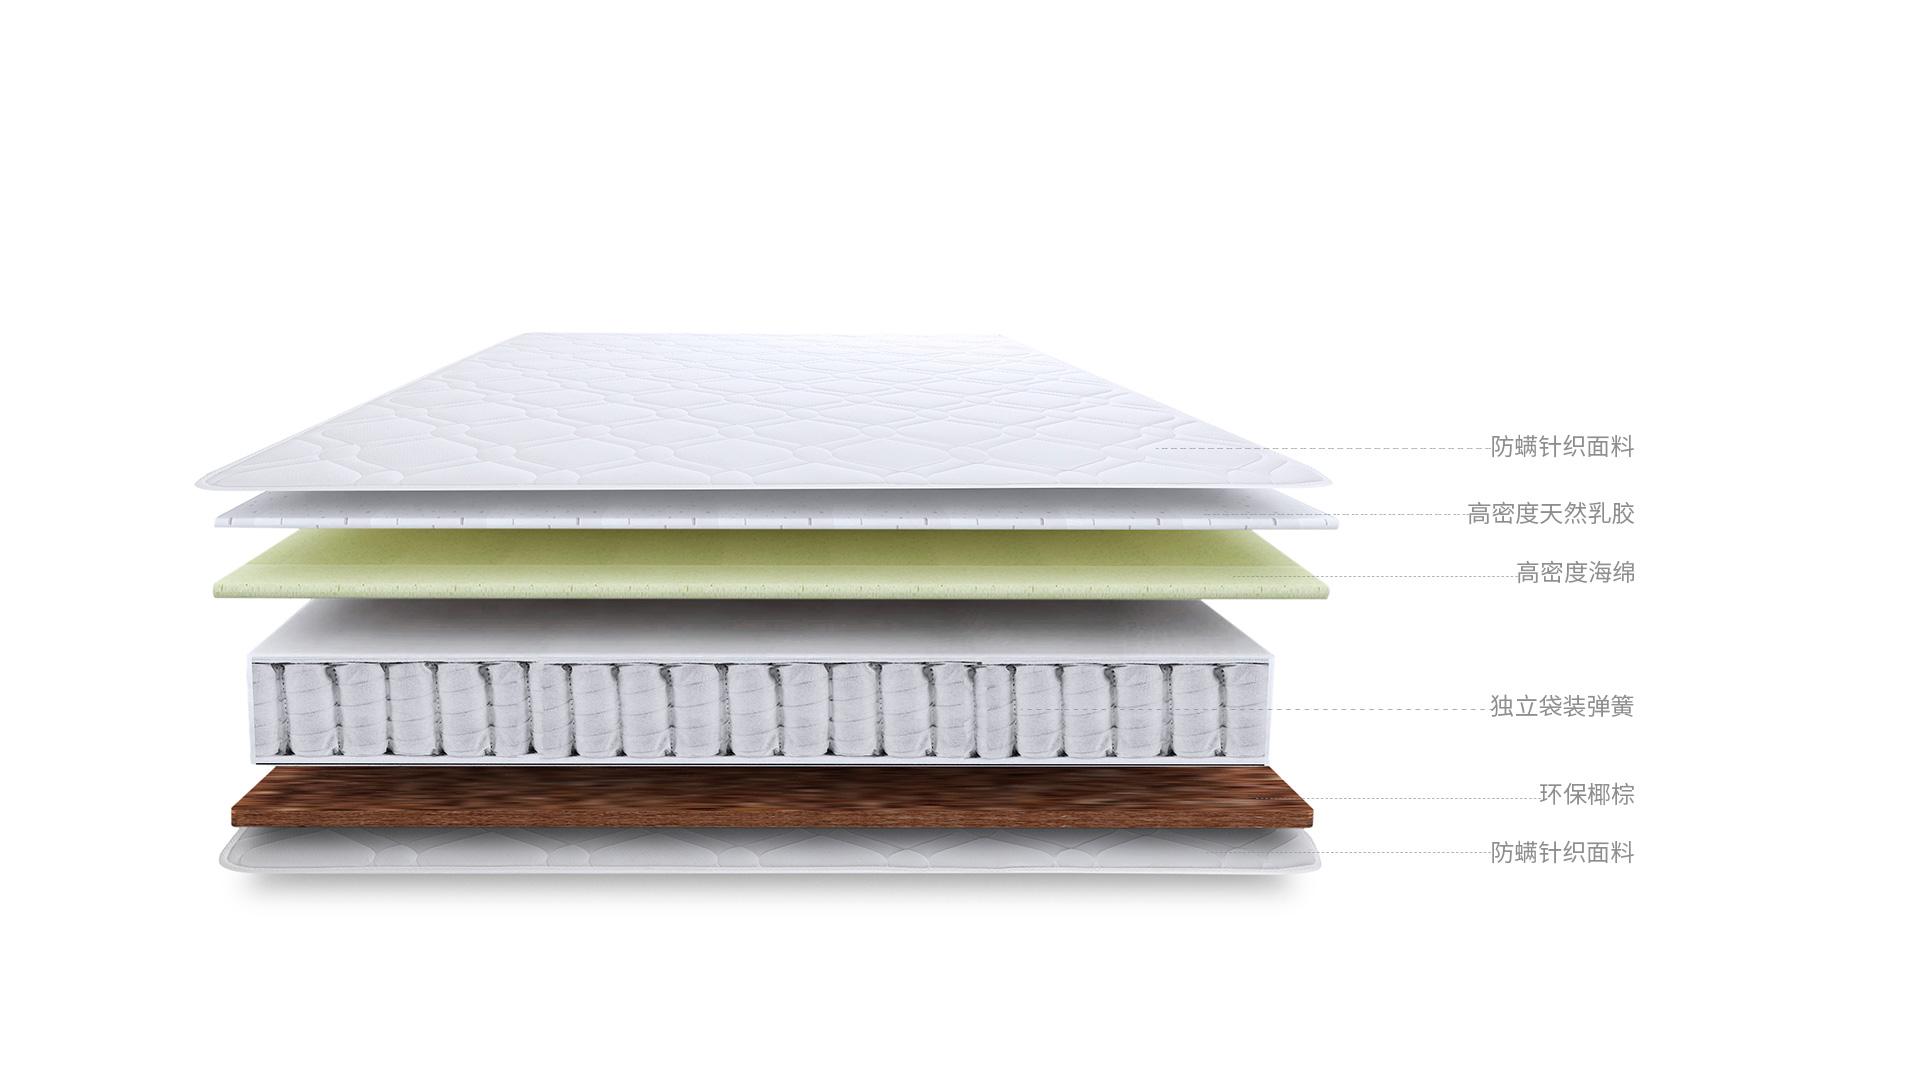 造作独立厂牌软硬两用床垫拥有多达9层复杂结构,上下两面分别为乳胶层和棕丝层,中间为独立袋装弹簧,再加上多层环保棉毡……每一层分别满足身体不同部位的支撑需求,只为呵护你一整夜睡得香甜。